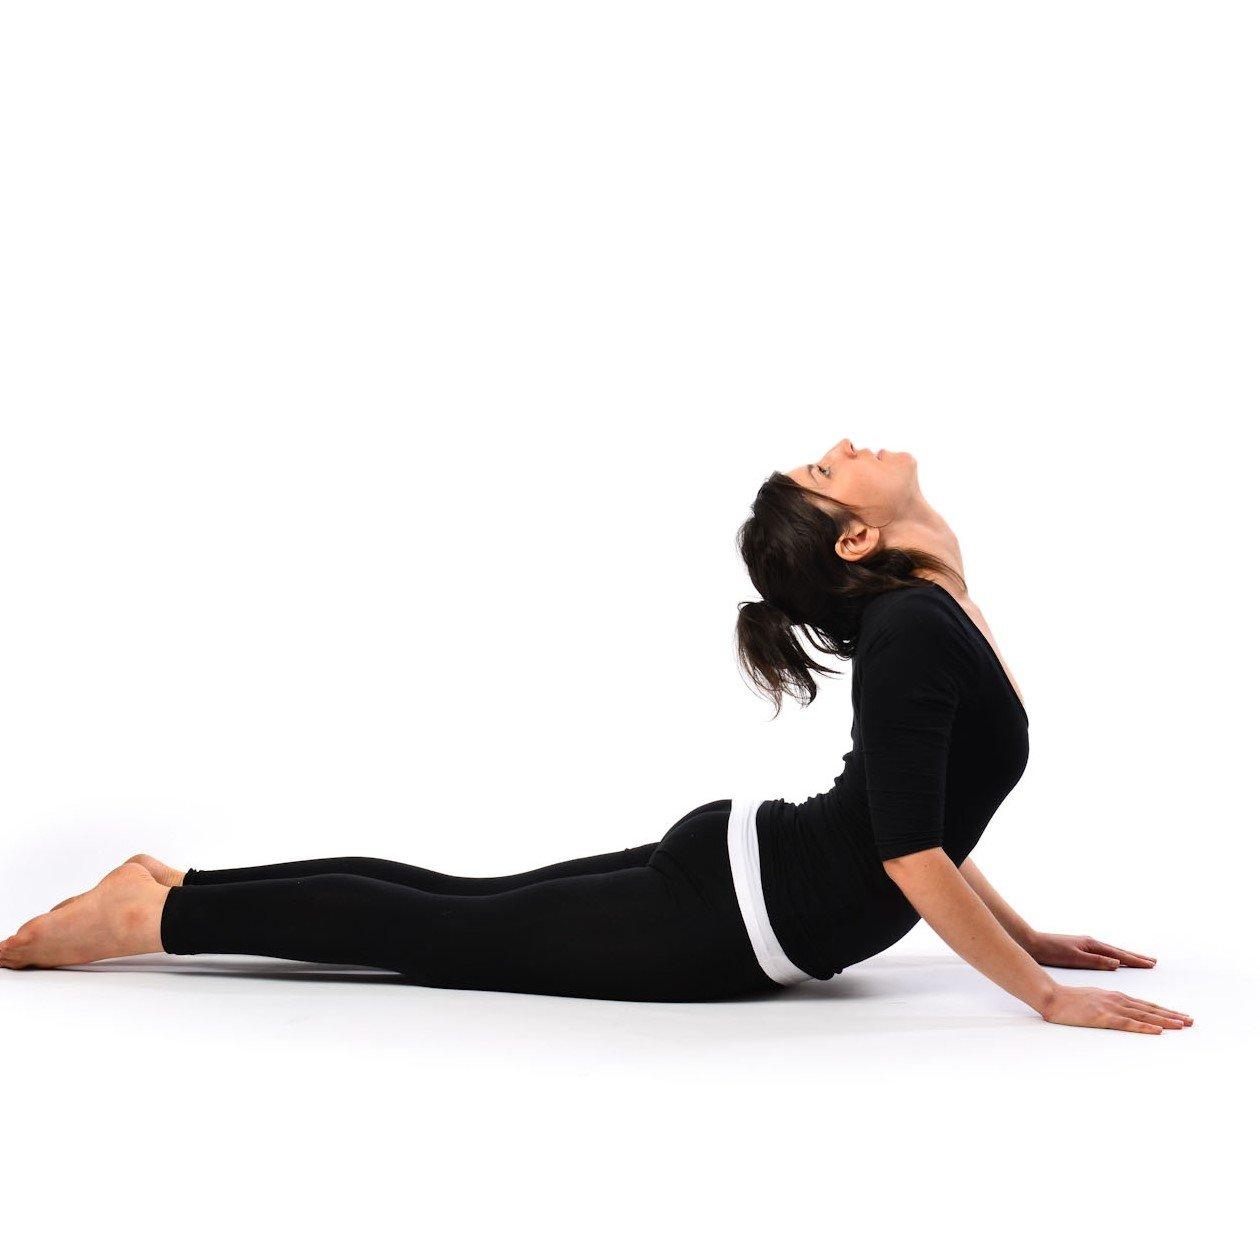 Mách nhỏ cách giảm cân nhanh chóng chỉ với 5 bài tập yoga này